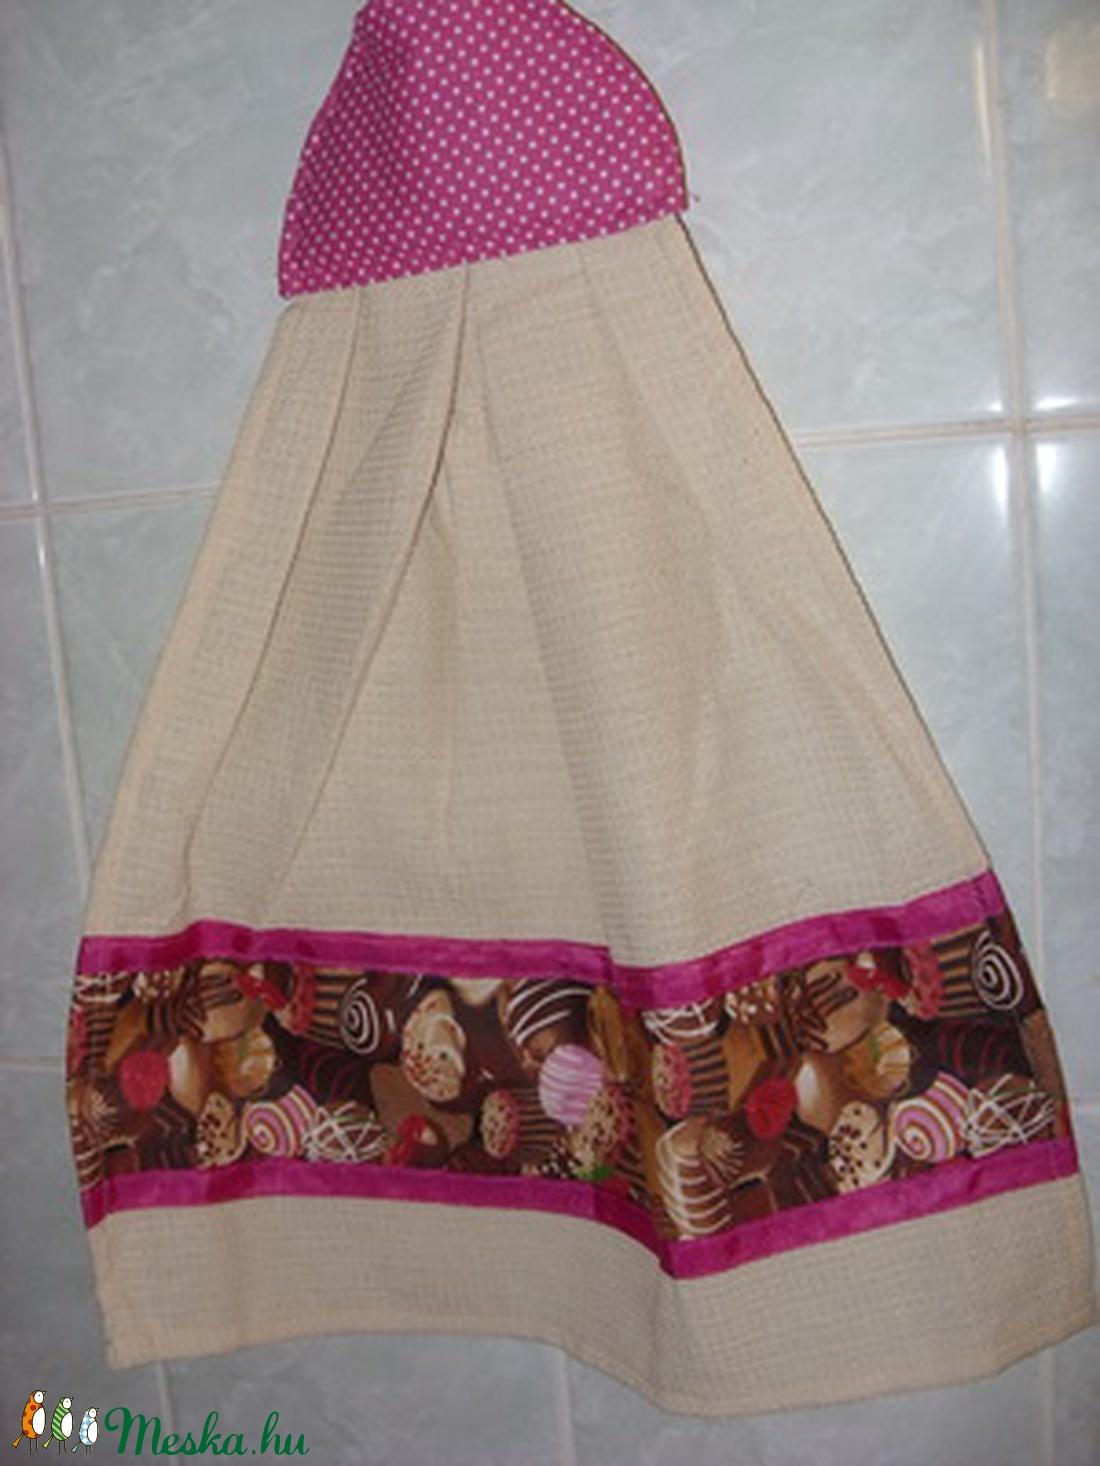 Különleges kombó törlő bon-bon design textil díszítéssel 3 színben - otthon & lakás - konyhafelszerelés - konyharuha & törlőkendő - Meska.hu